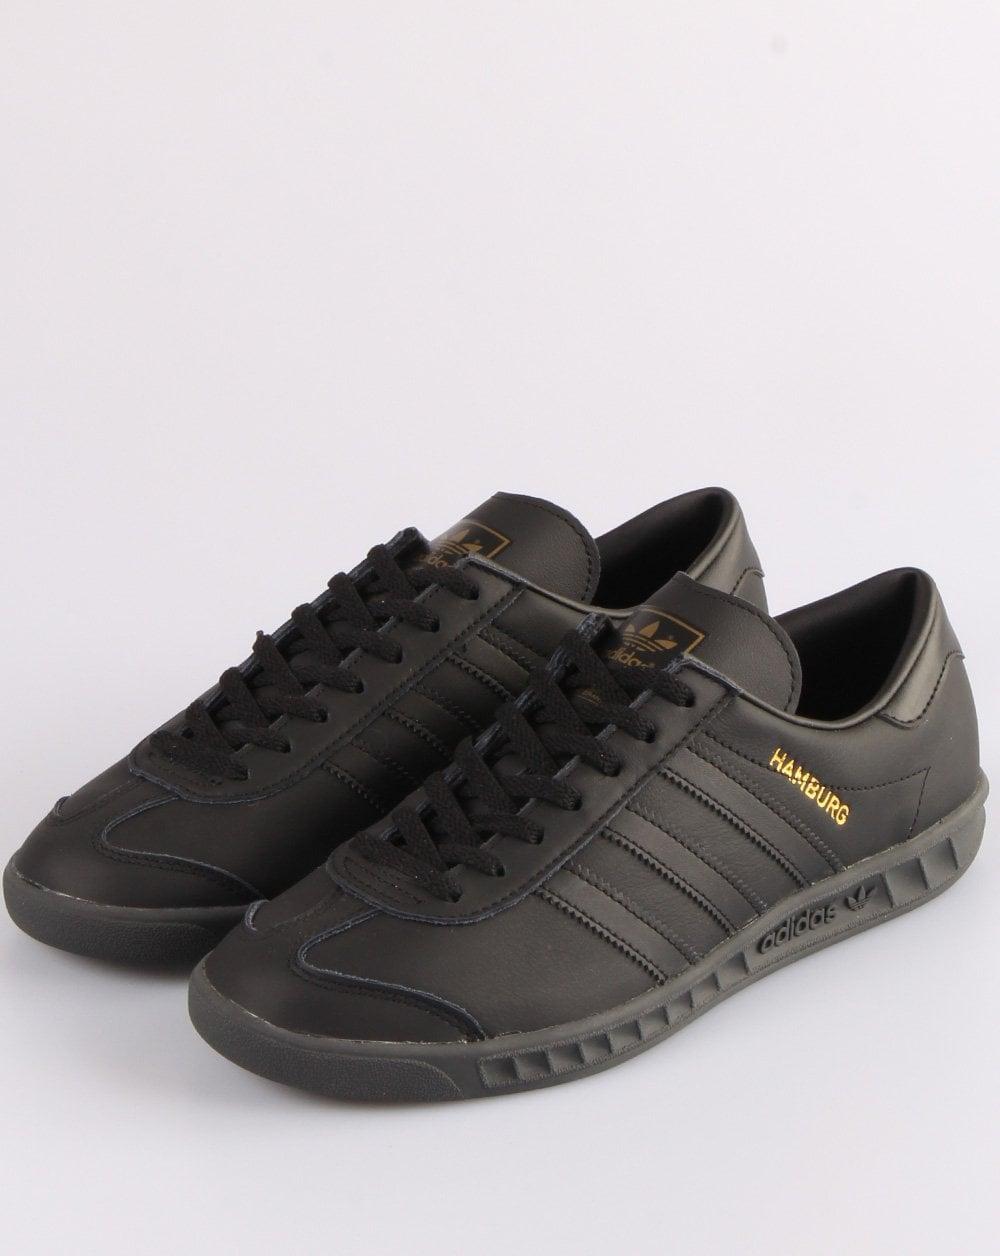 Adidas Hamburg Leather Trainers Black